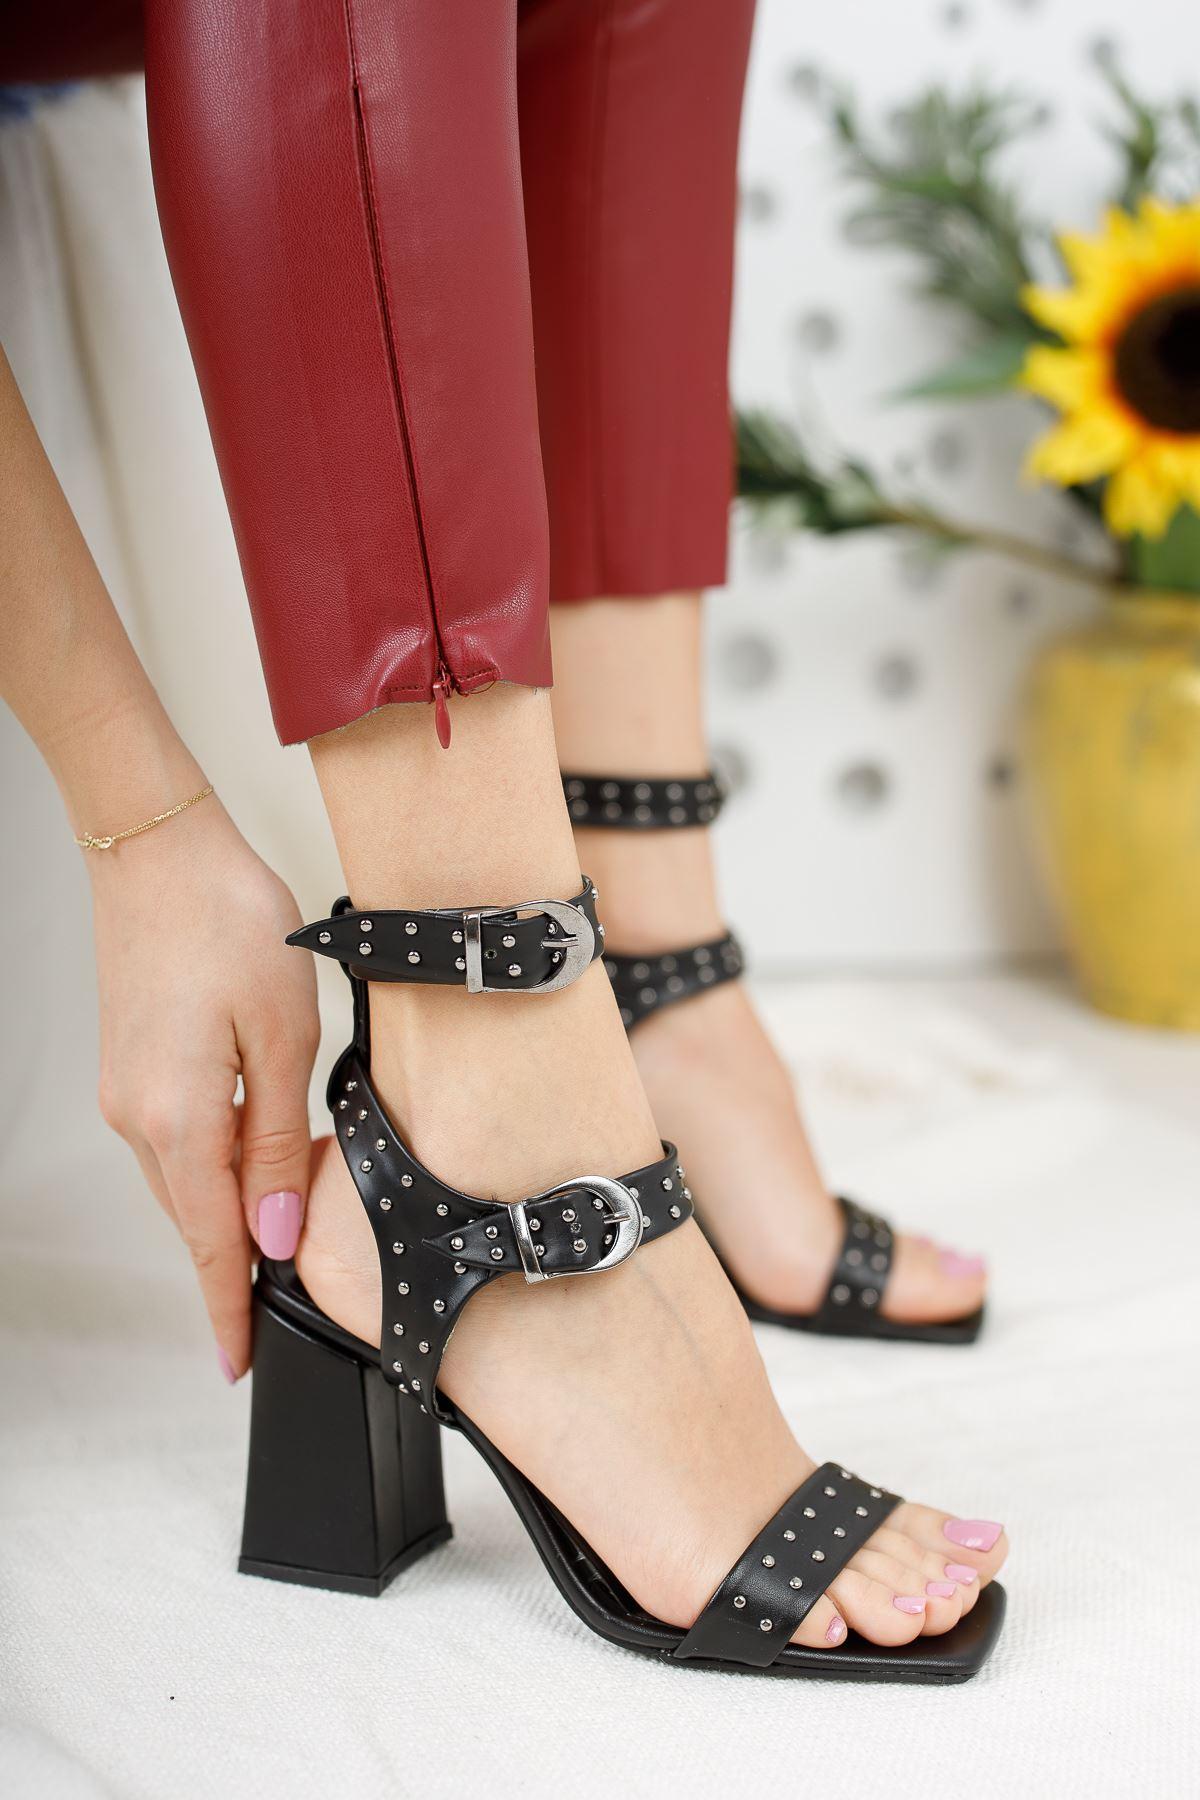 Kadın Elsam Yüksek Topuklu Trok Detaylı Küt Burun Mat Deri Siyah Topuklu Ayakkabı